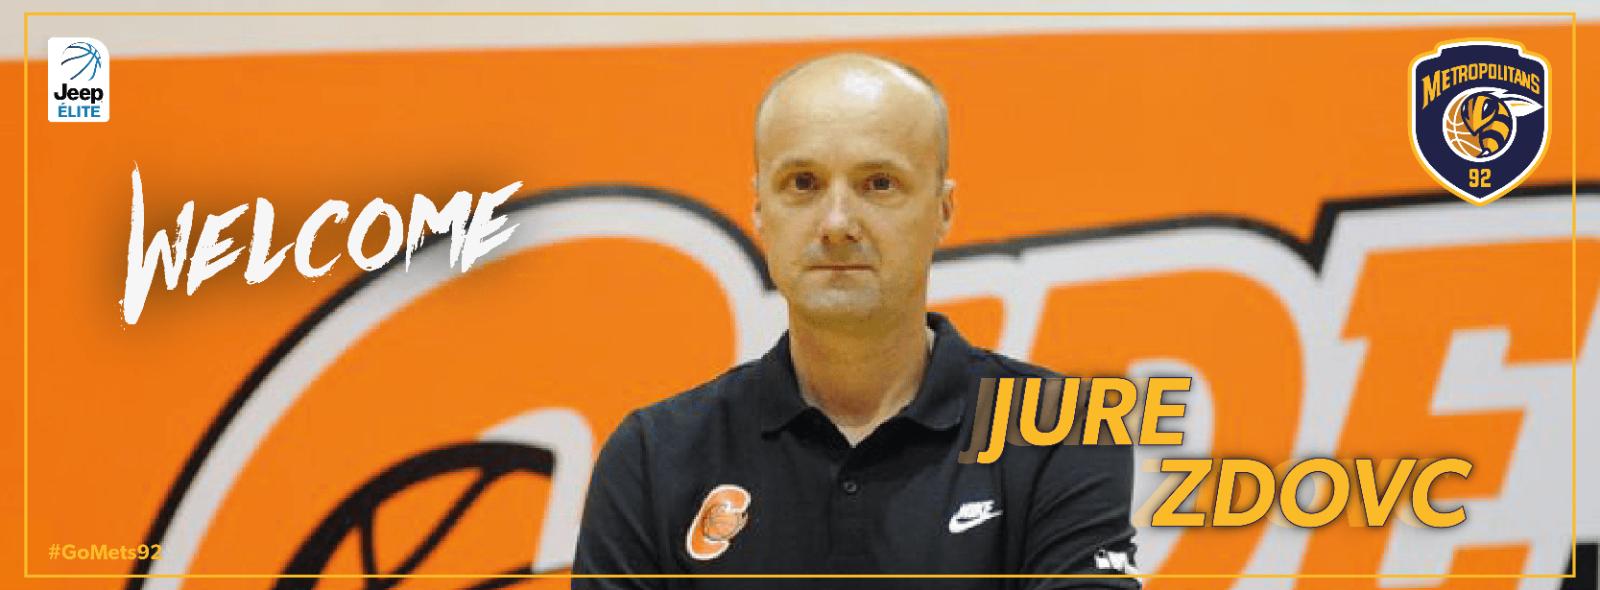 Jurij Zdovc, nouvel entraîneur des Metropolitans 92 !